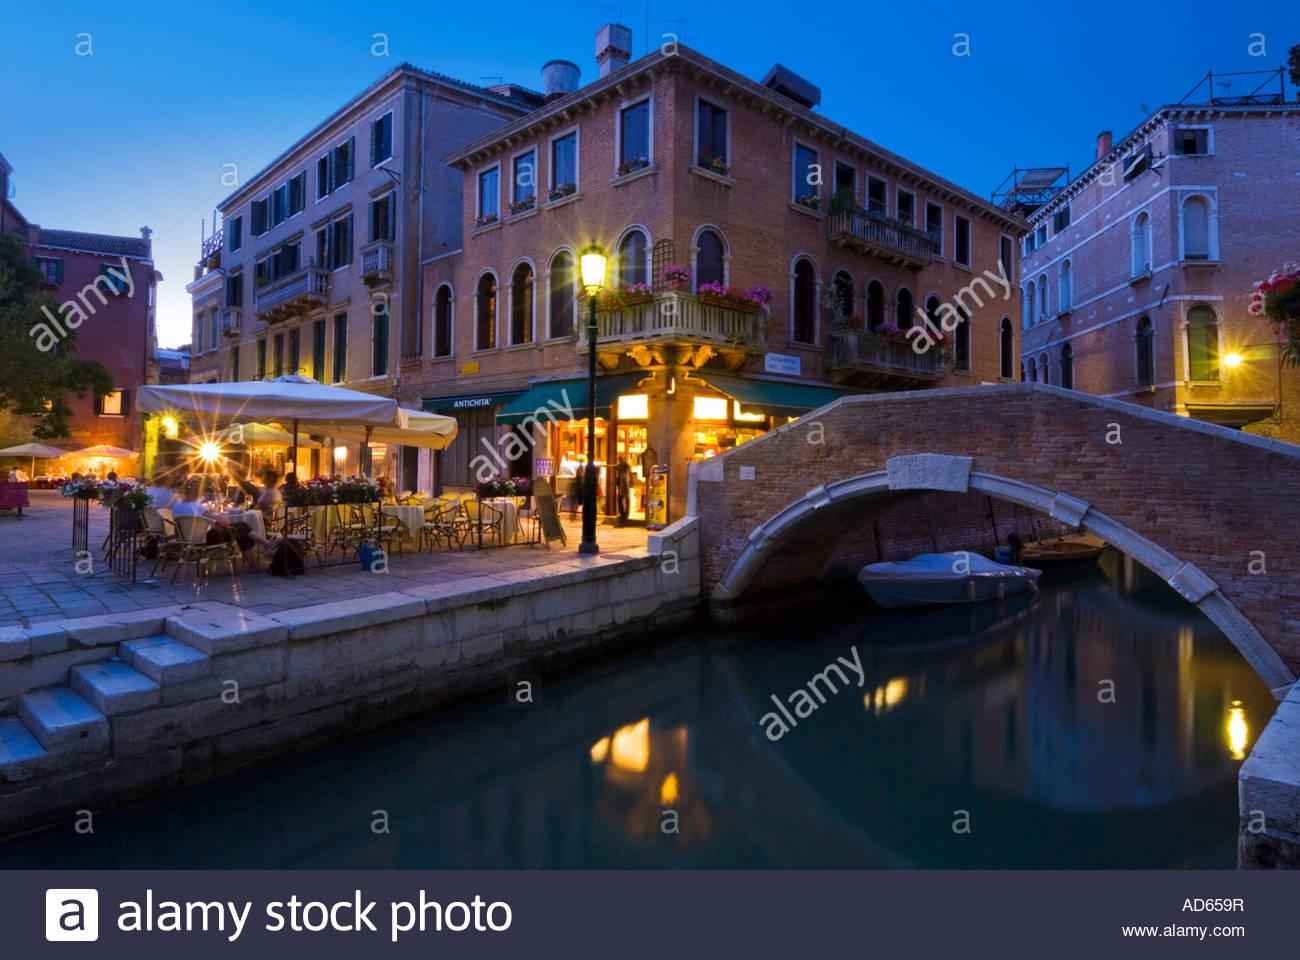 Alfresco dining, Campo Santa Maria Nova, Cannaregio, Venice, Italy - Stock Image